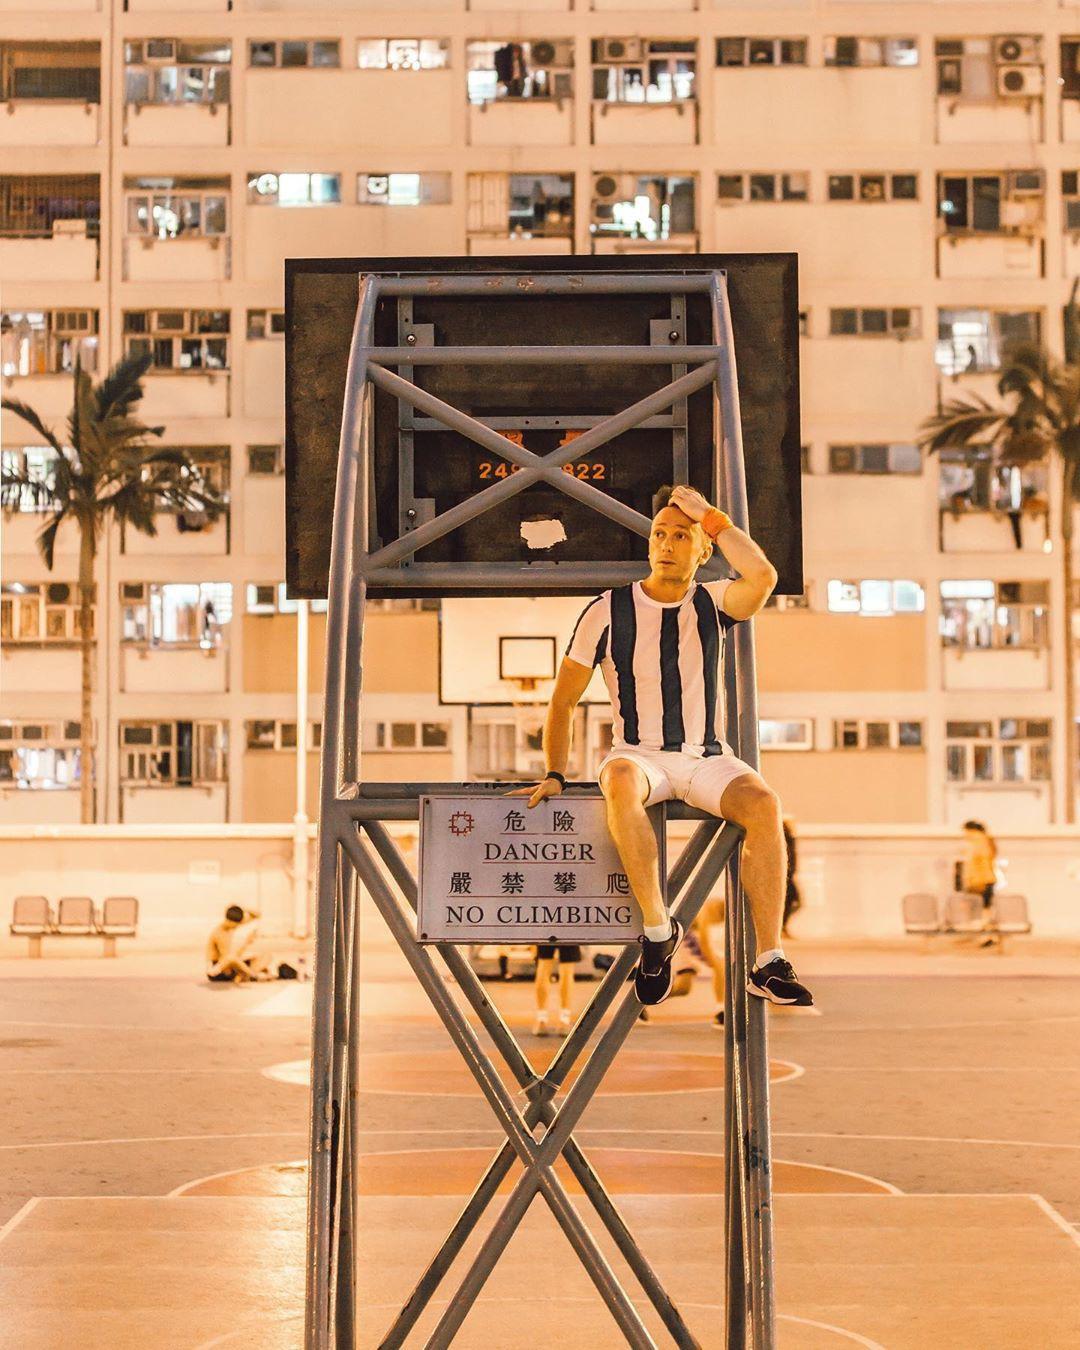 Bỏ túi ngay 8 điểm 'sống ảo' nổi tiếng ở Hong Kong, vị trí thứ 2 hot đến nỗi còn lọt vào top được check-in nhiều nhất trên Instagram! - Ảnh 9.